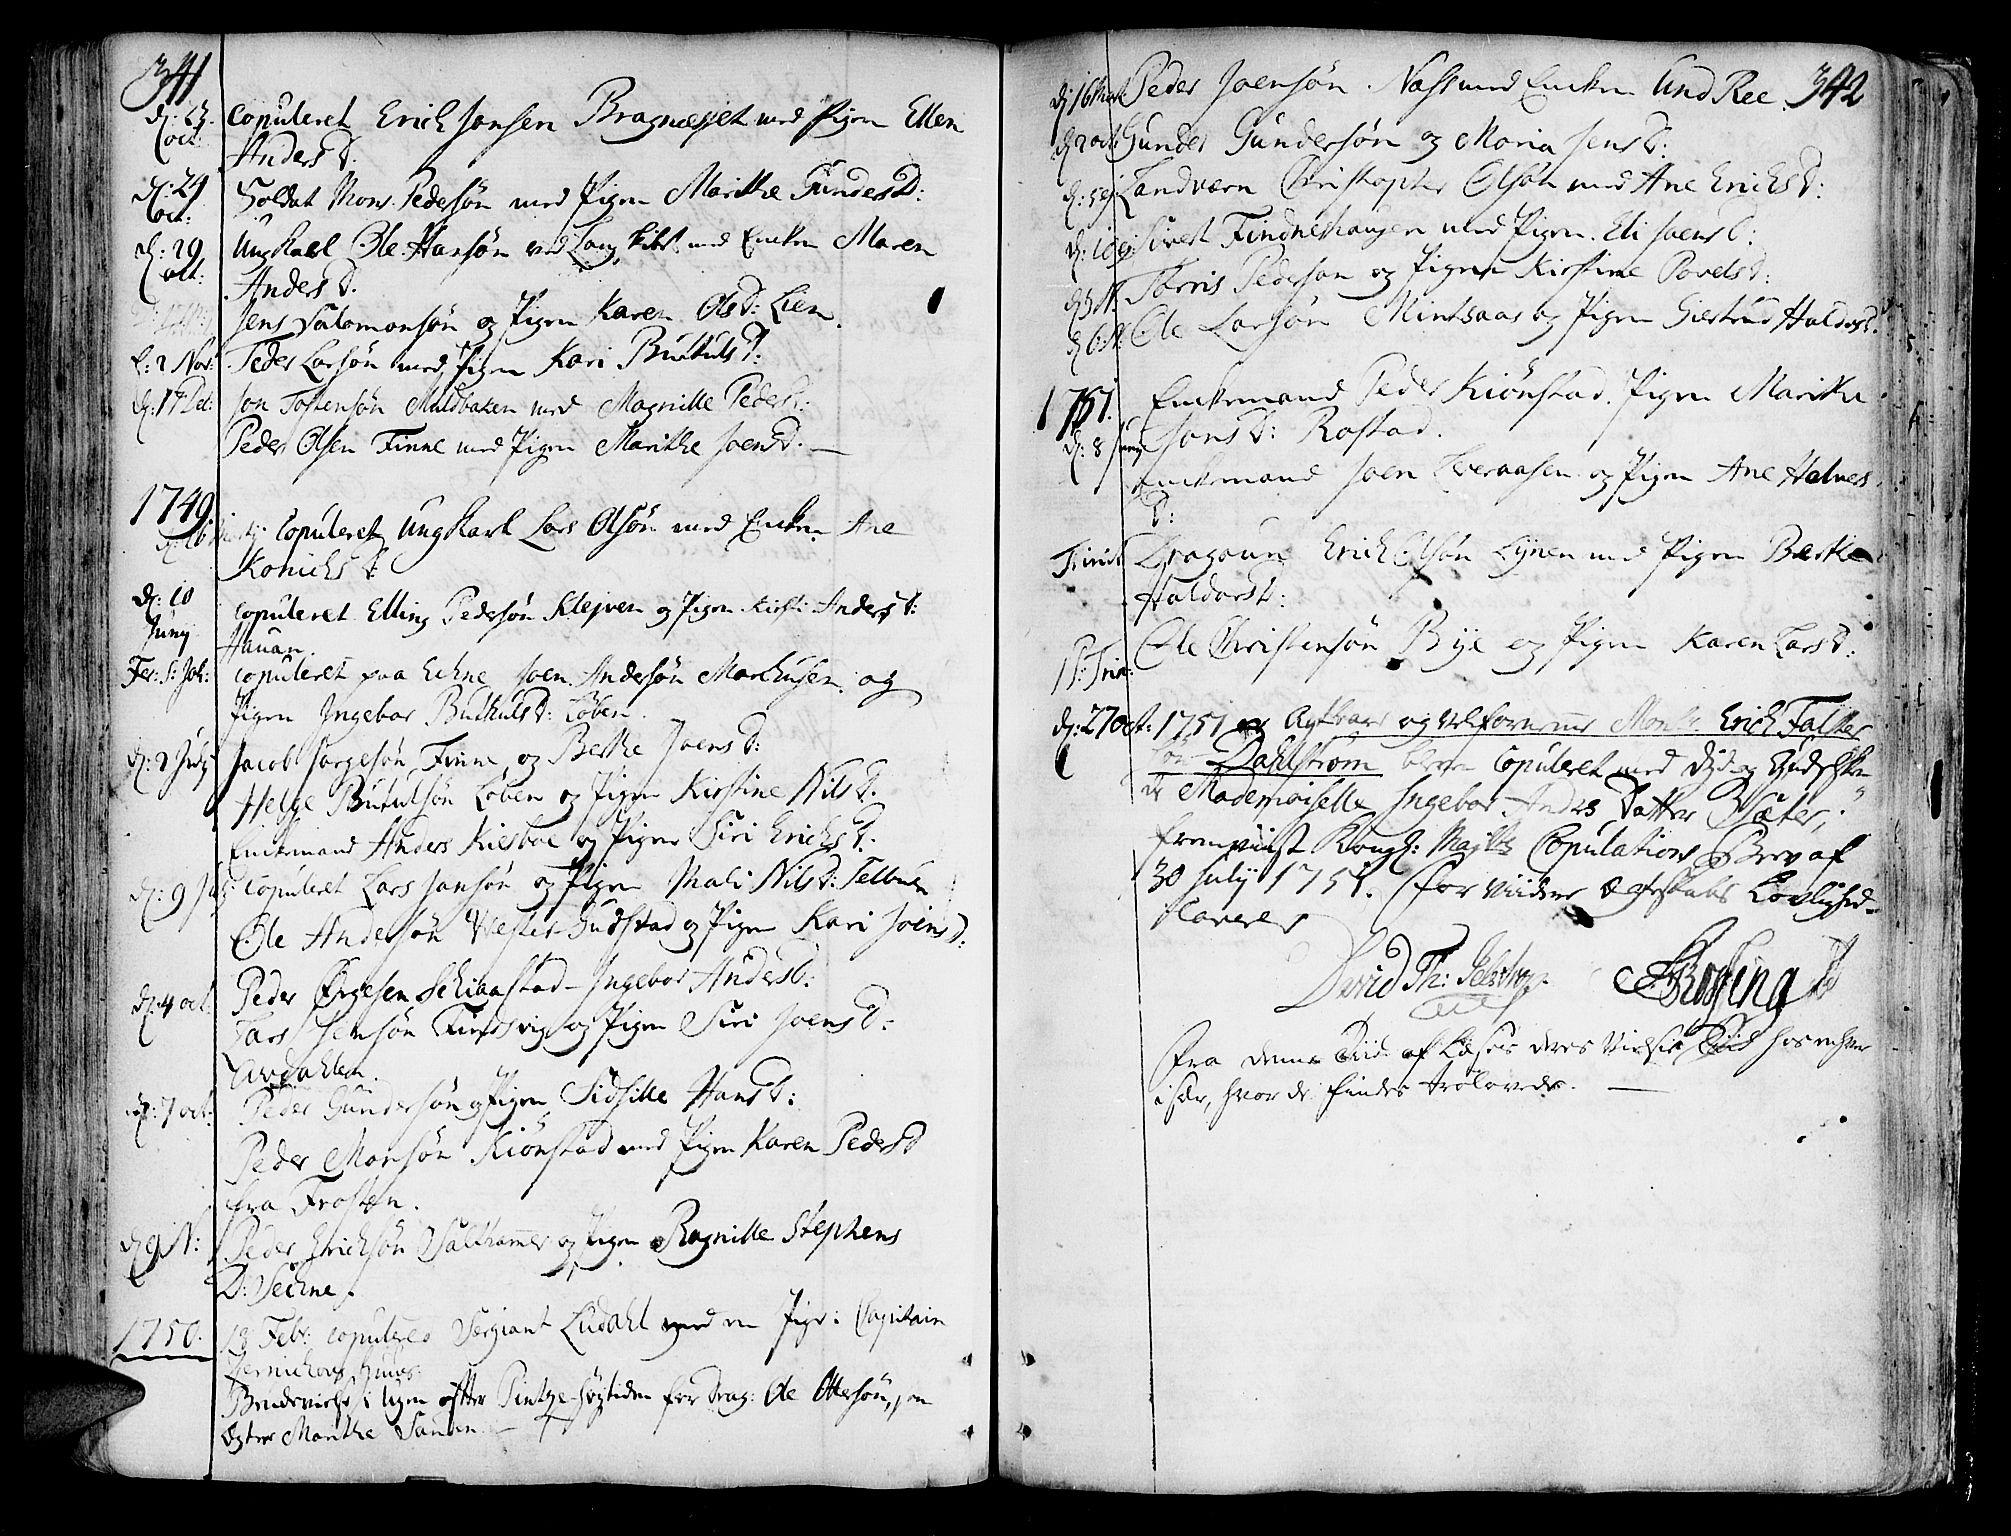 SAT, Ministerialprotokoller, klokkerbøker og fødselsregistre - Nord-Trøndelag, 717/L0141: Ministerialbok nr. 717A01, 1747-1803, s. 341-342